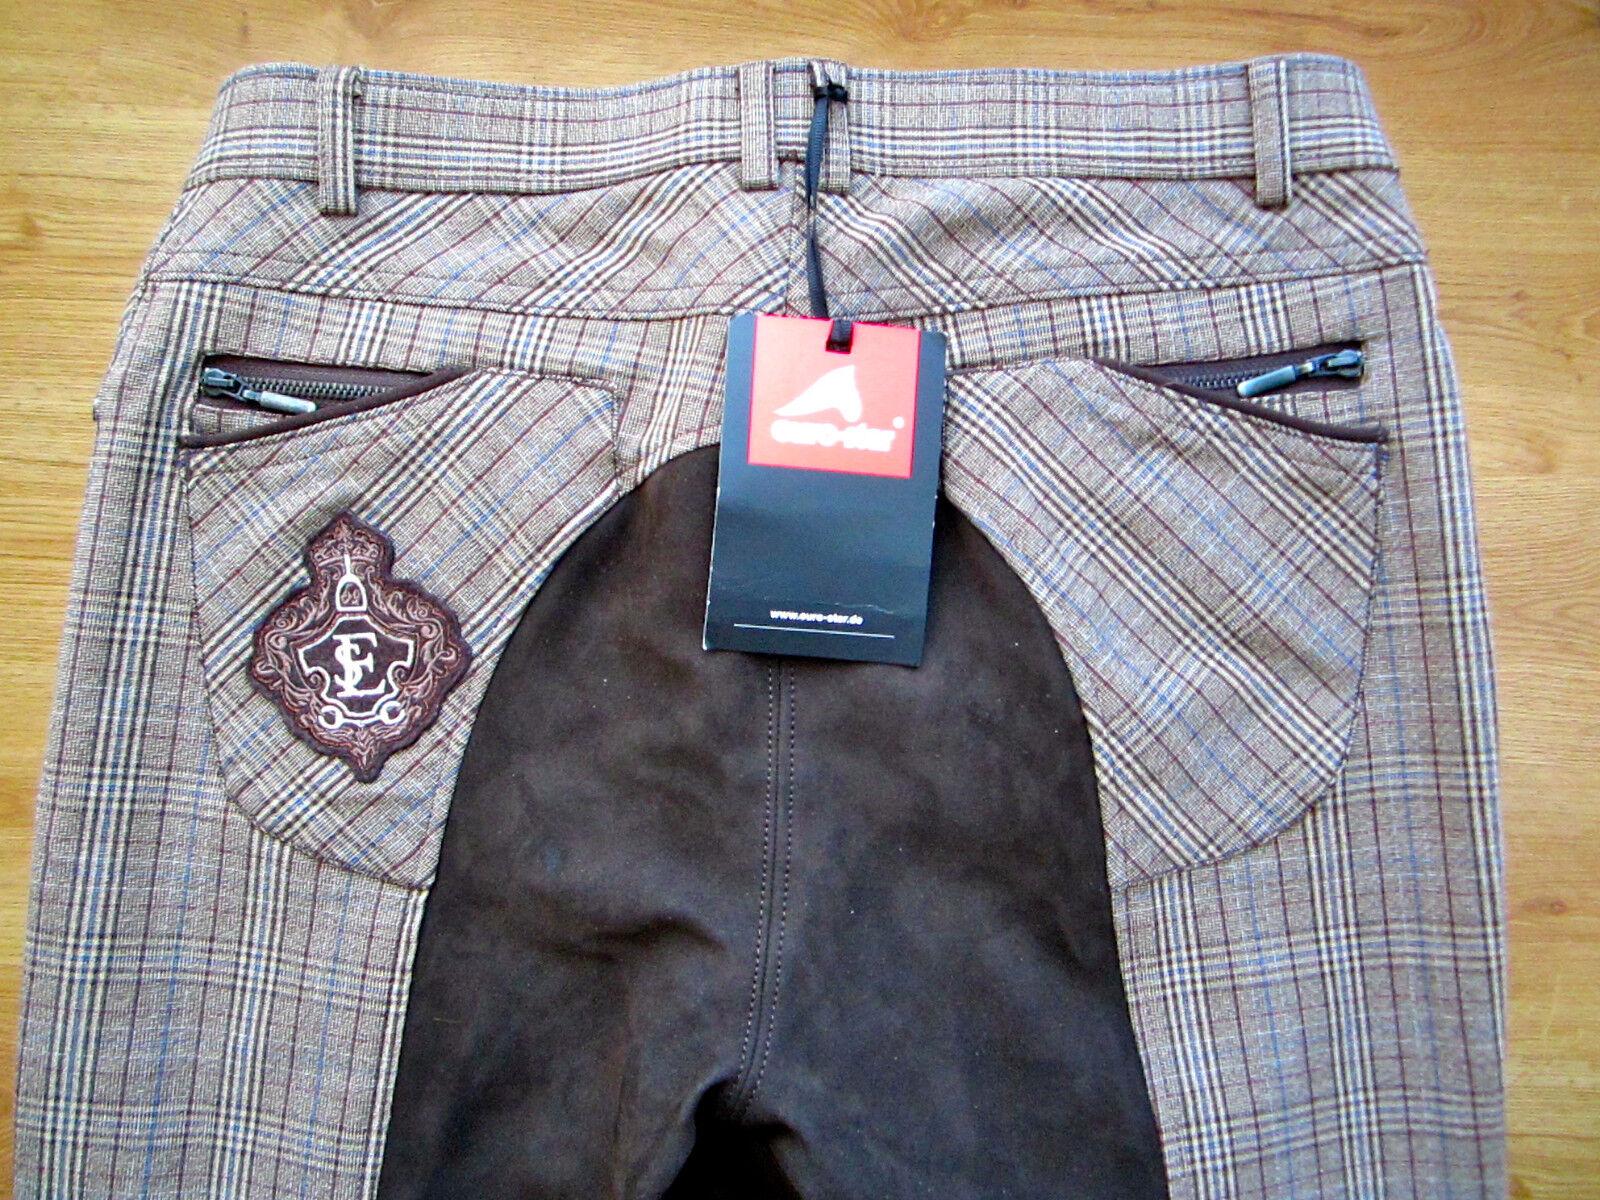 Euro-Estrella pantalones de montar de asiento completo Laura ocre  oscuro cuadros en marrón Talla EU4012-14 -  nuevo   punto de venta